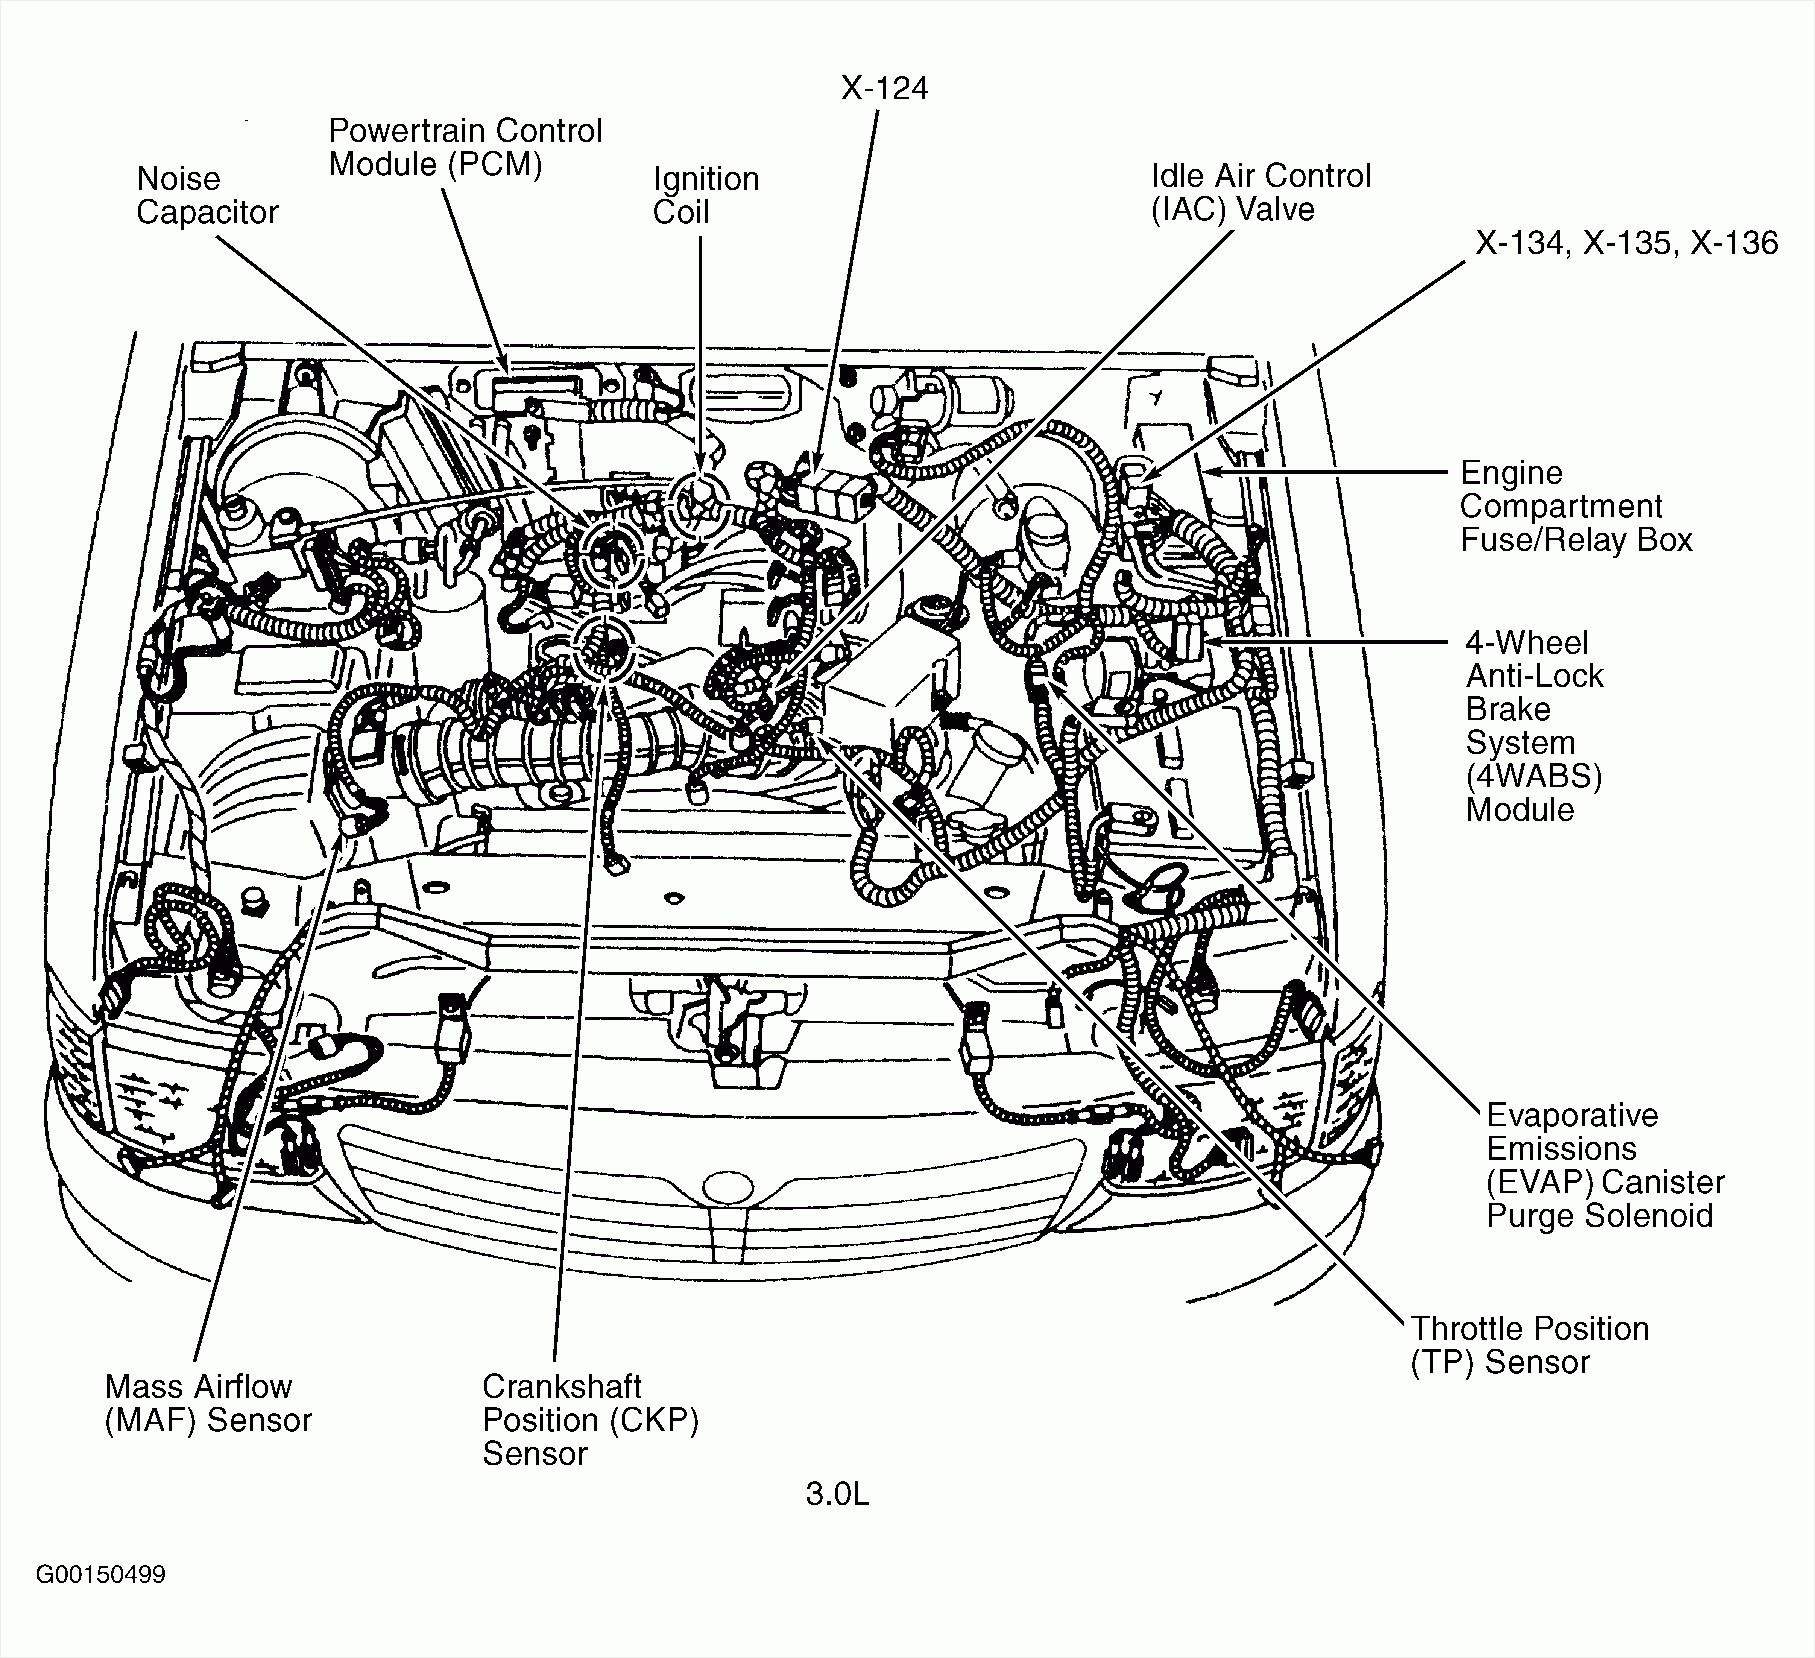 mazda rx8 engine diagram 5 9 spikeballclubkoeln de \u20222004 mazda rx 8 engine diagram 9 9 ulrich temme de u2022 rh 9 9 ulrich temme de mazda rotary engine diagram mazda rx8 engine schematic